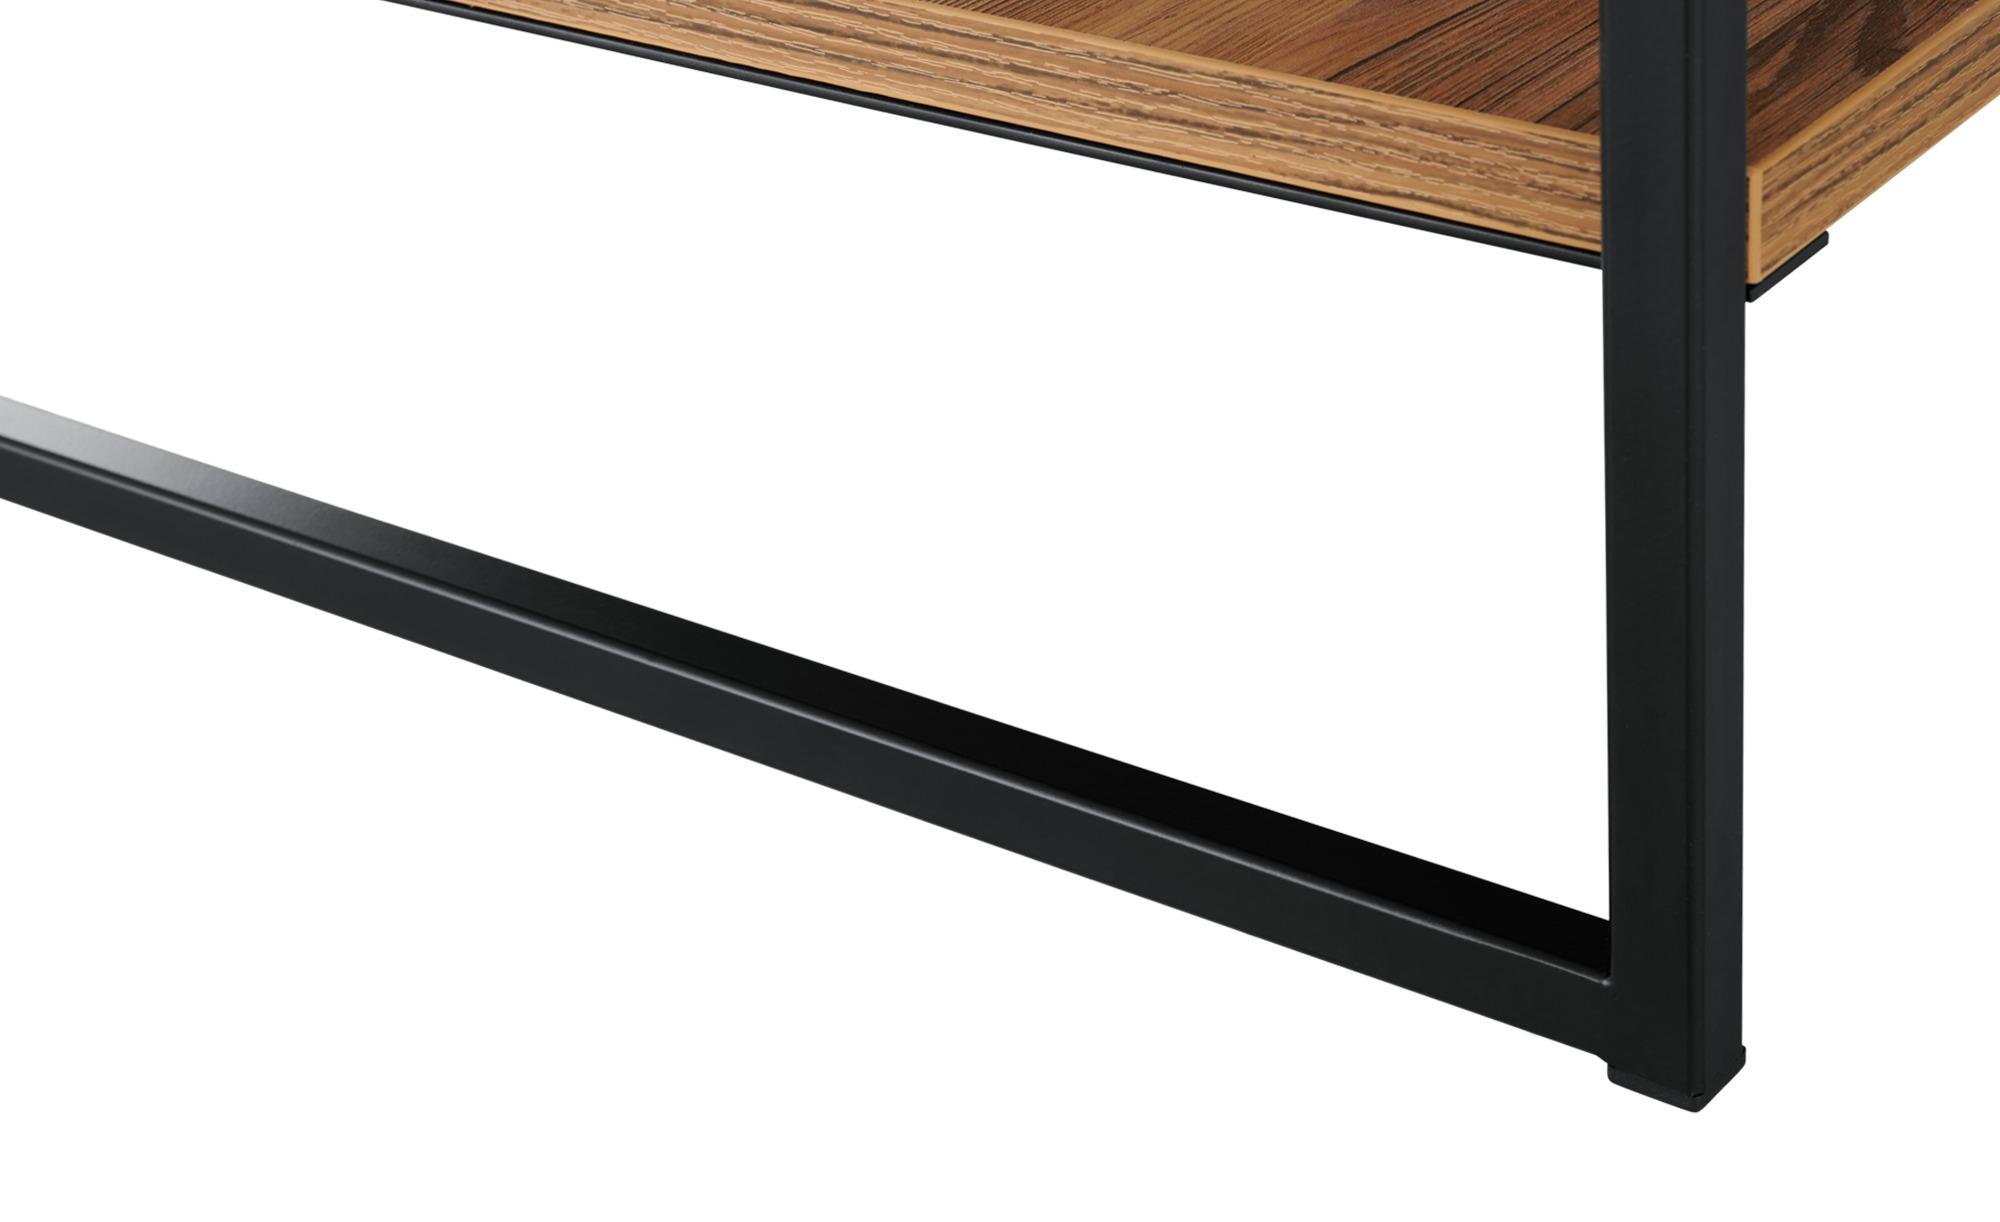 Couchtisch  Abeto ¦ holzfarben ¦ Maße (cm): B: 65 H: 45 T: 45 Tische > Couchtische > Couchtische rechteckig - Höffner